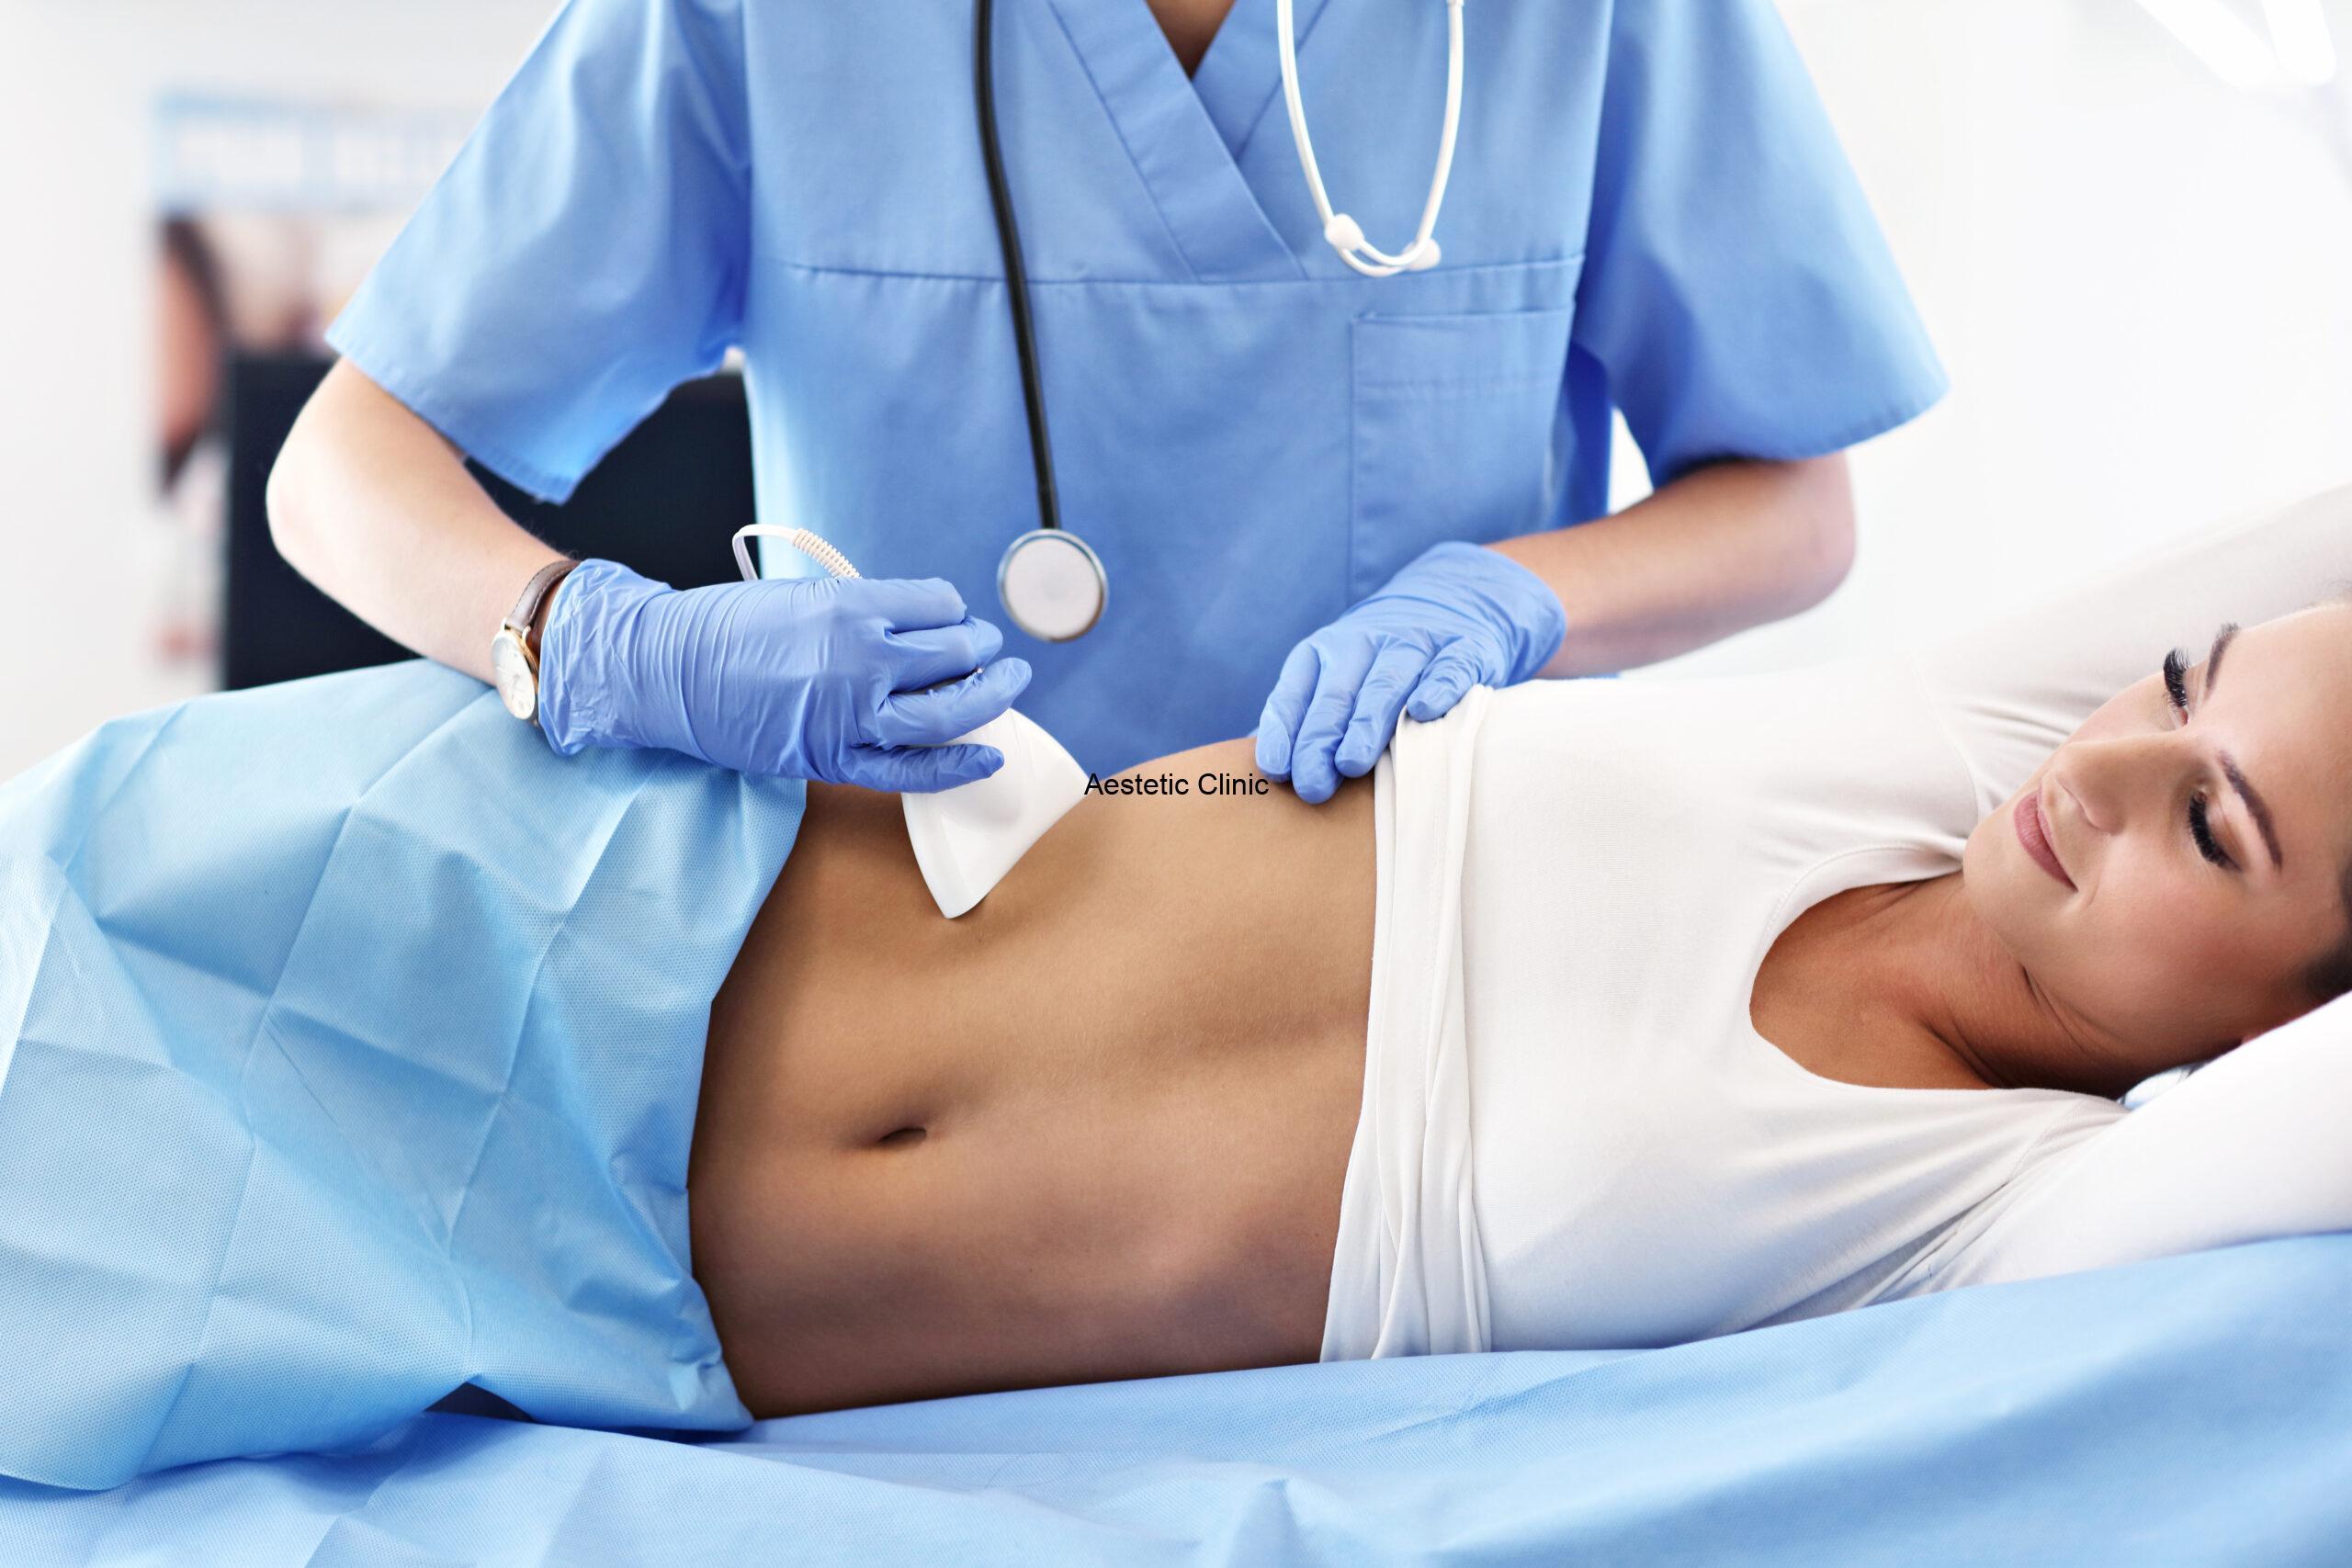 usg, usg poznań, usg brzucha, usg piersi, usg tarczycy, badanie usg piersi